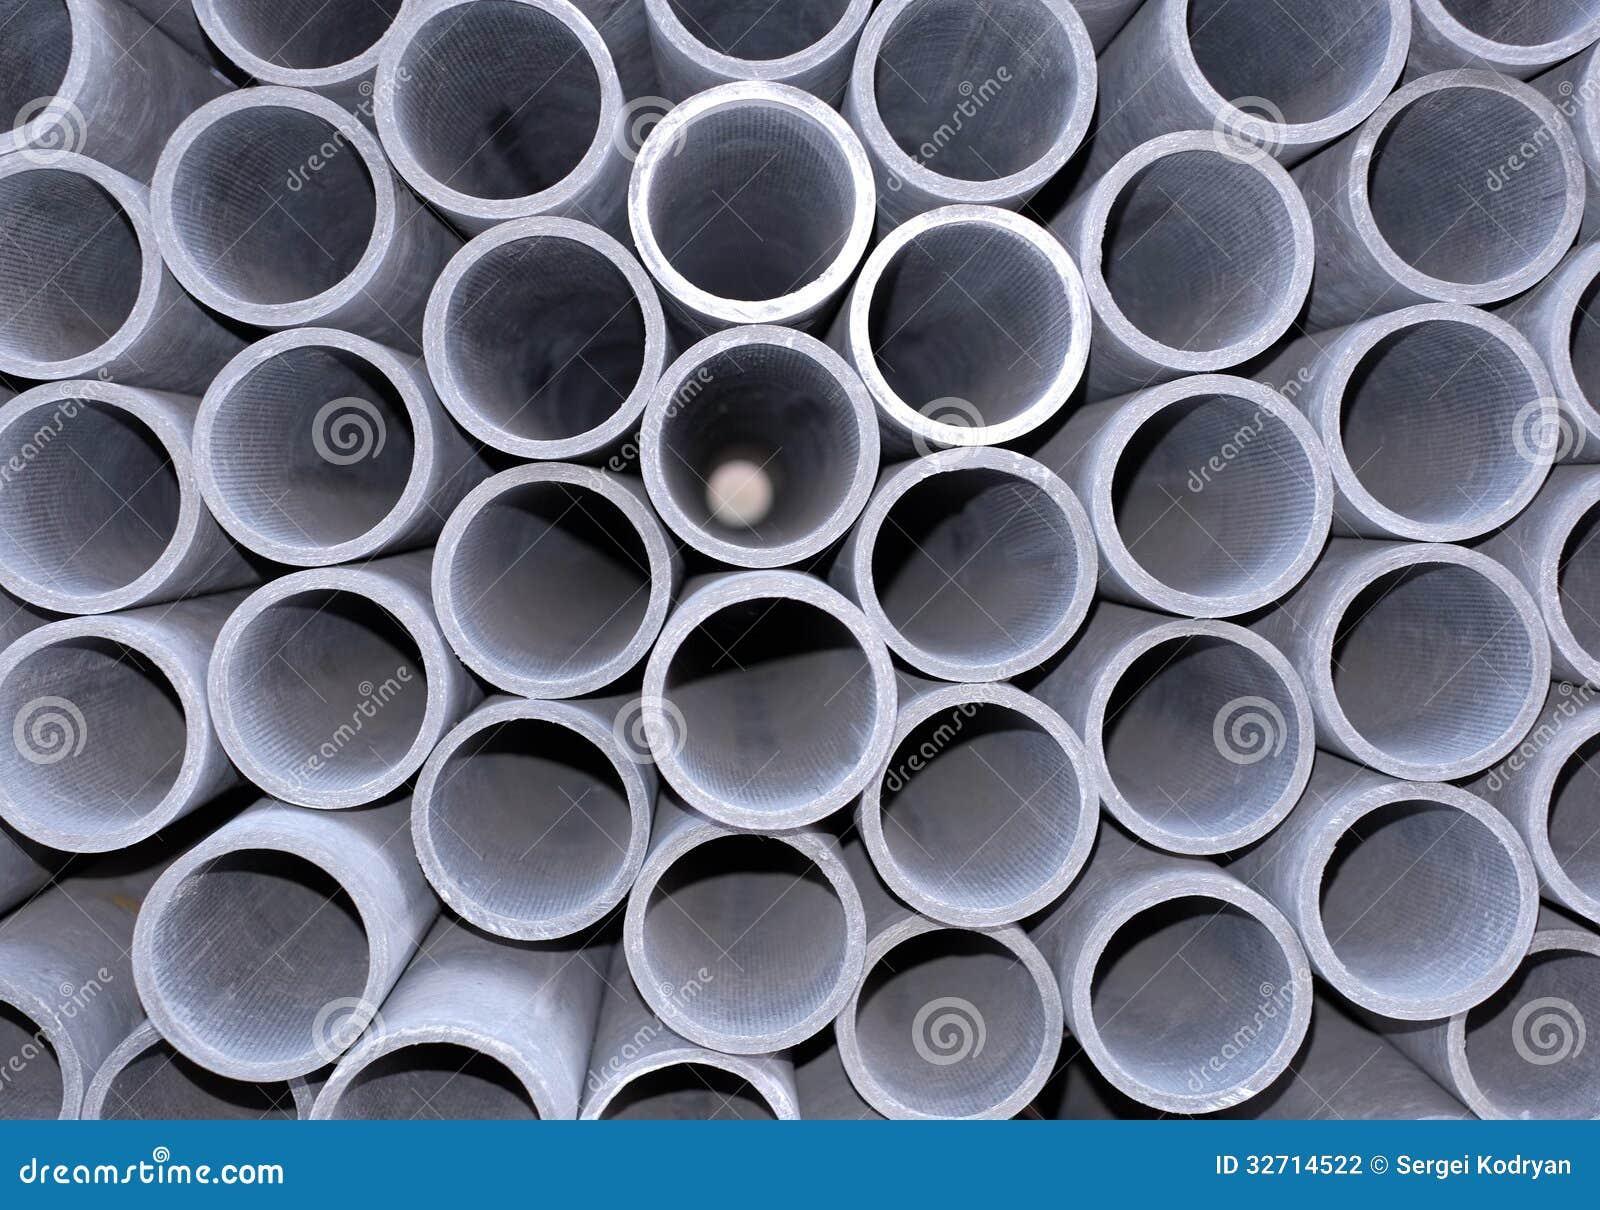 Tuyau de fibrociment photographie stock image 32714522 - Tuyau fibro ciment prix ...